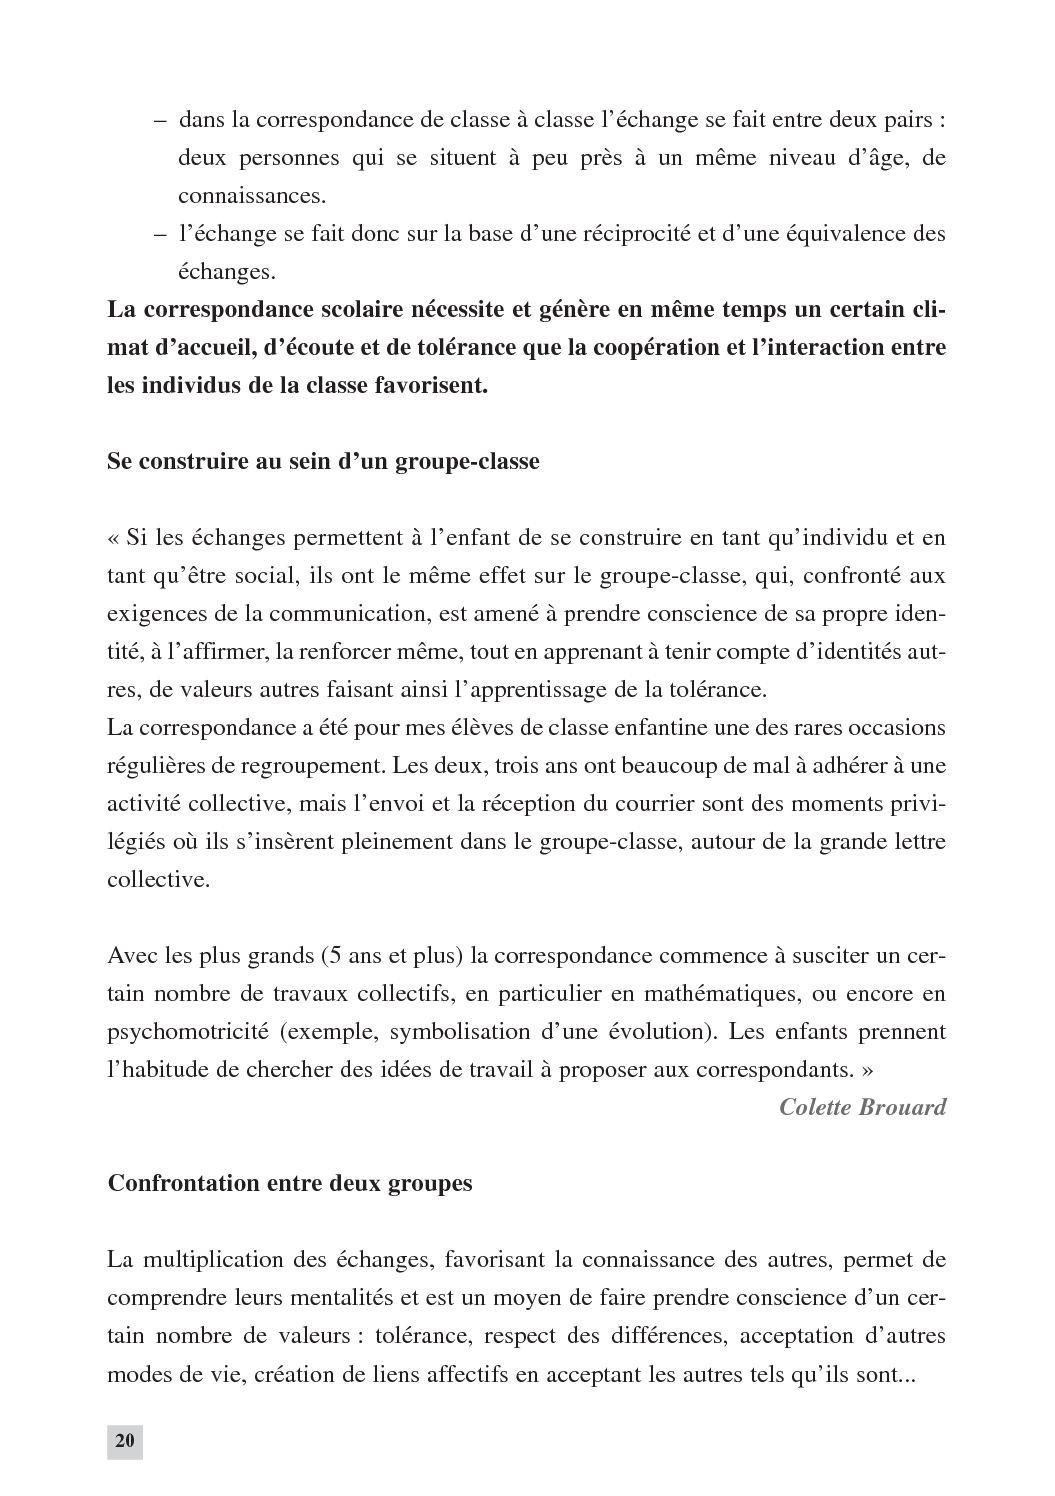 La Correspondance Scolaire -Extraits - Calameo Downloader tout Chercher Les Differences